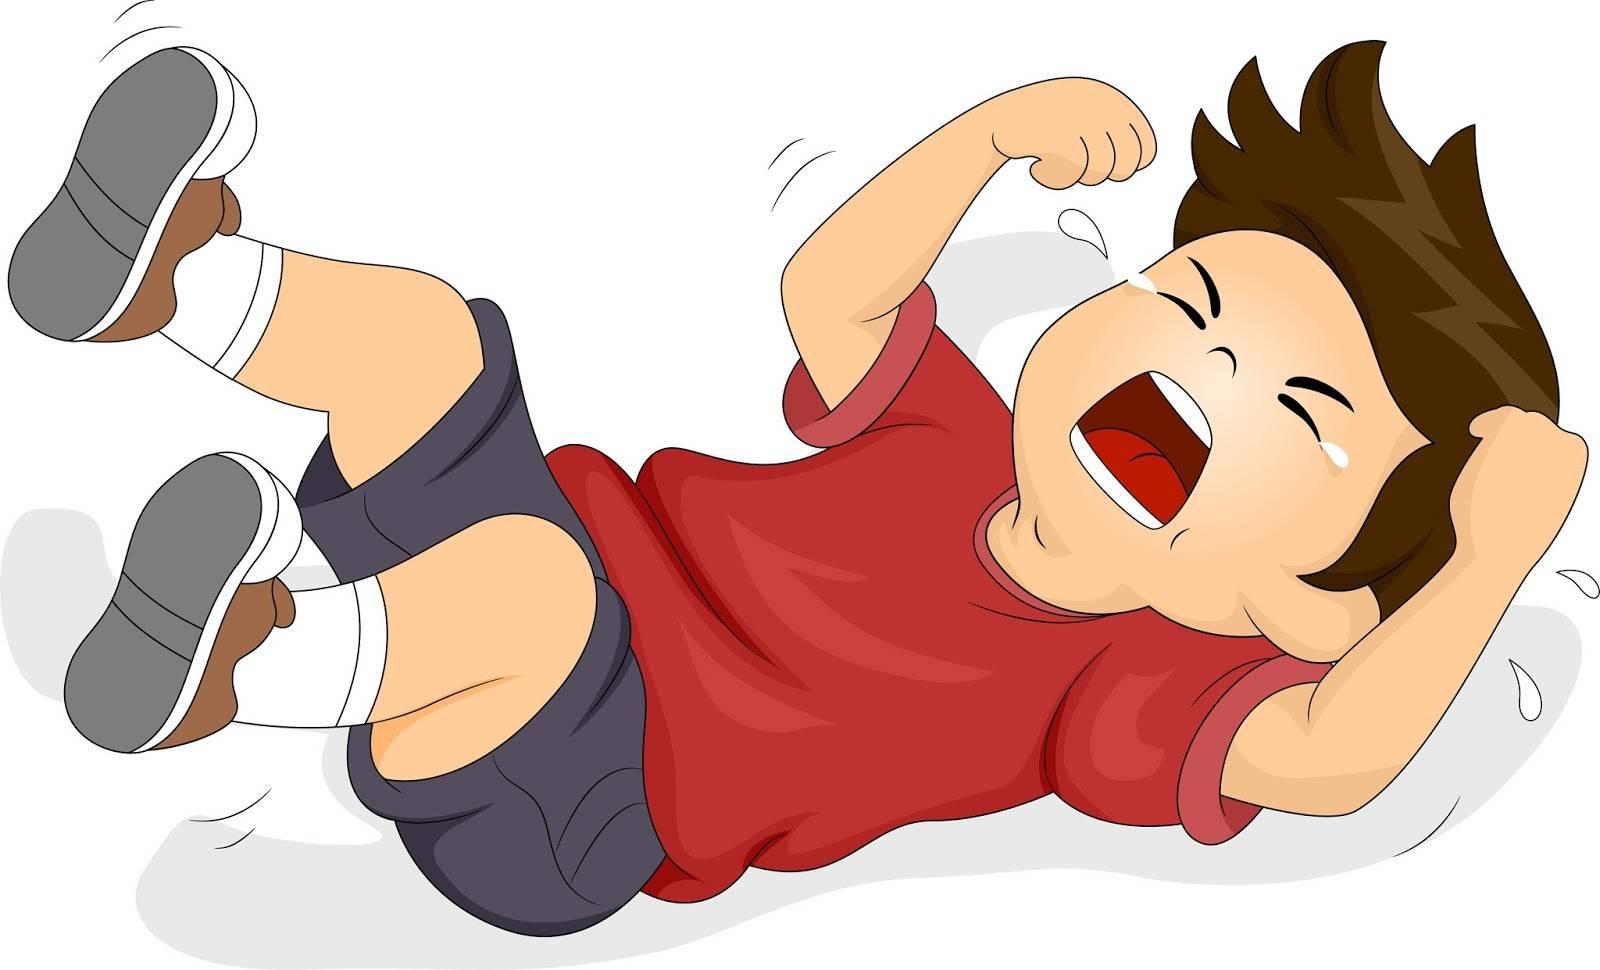 Истерика. приступы у детей и взрослых, причины, симптомы, как предотвратить, помощь во время истерики и после нее. :: polismed.com